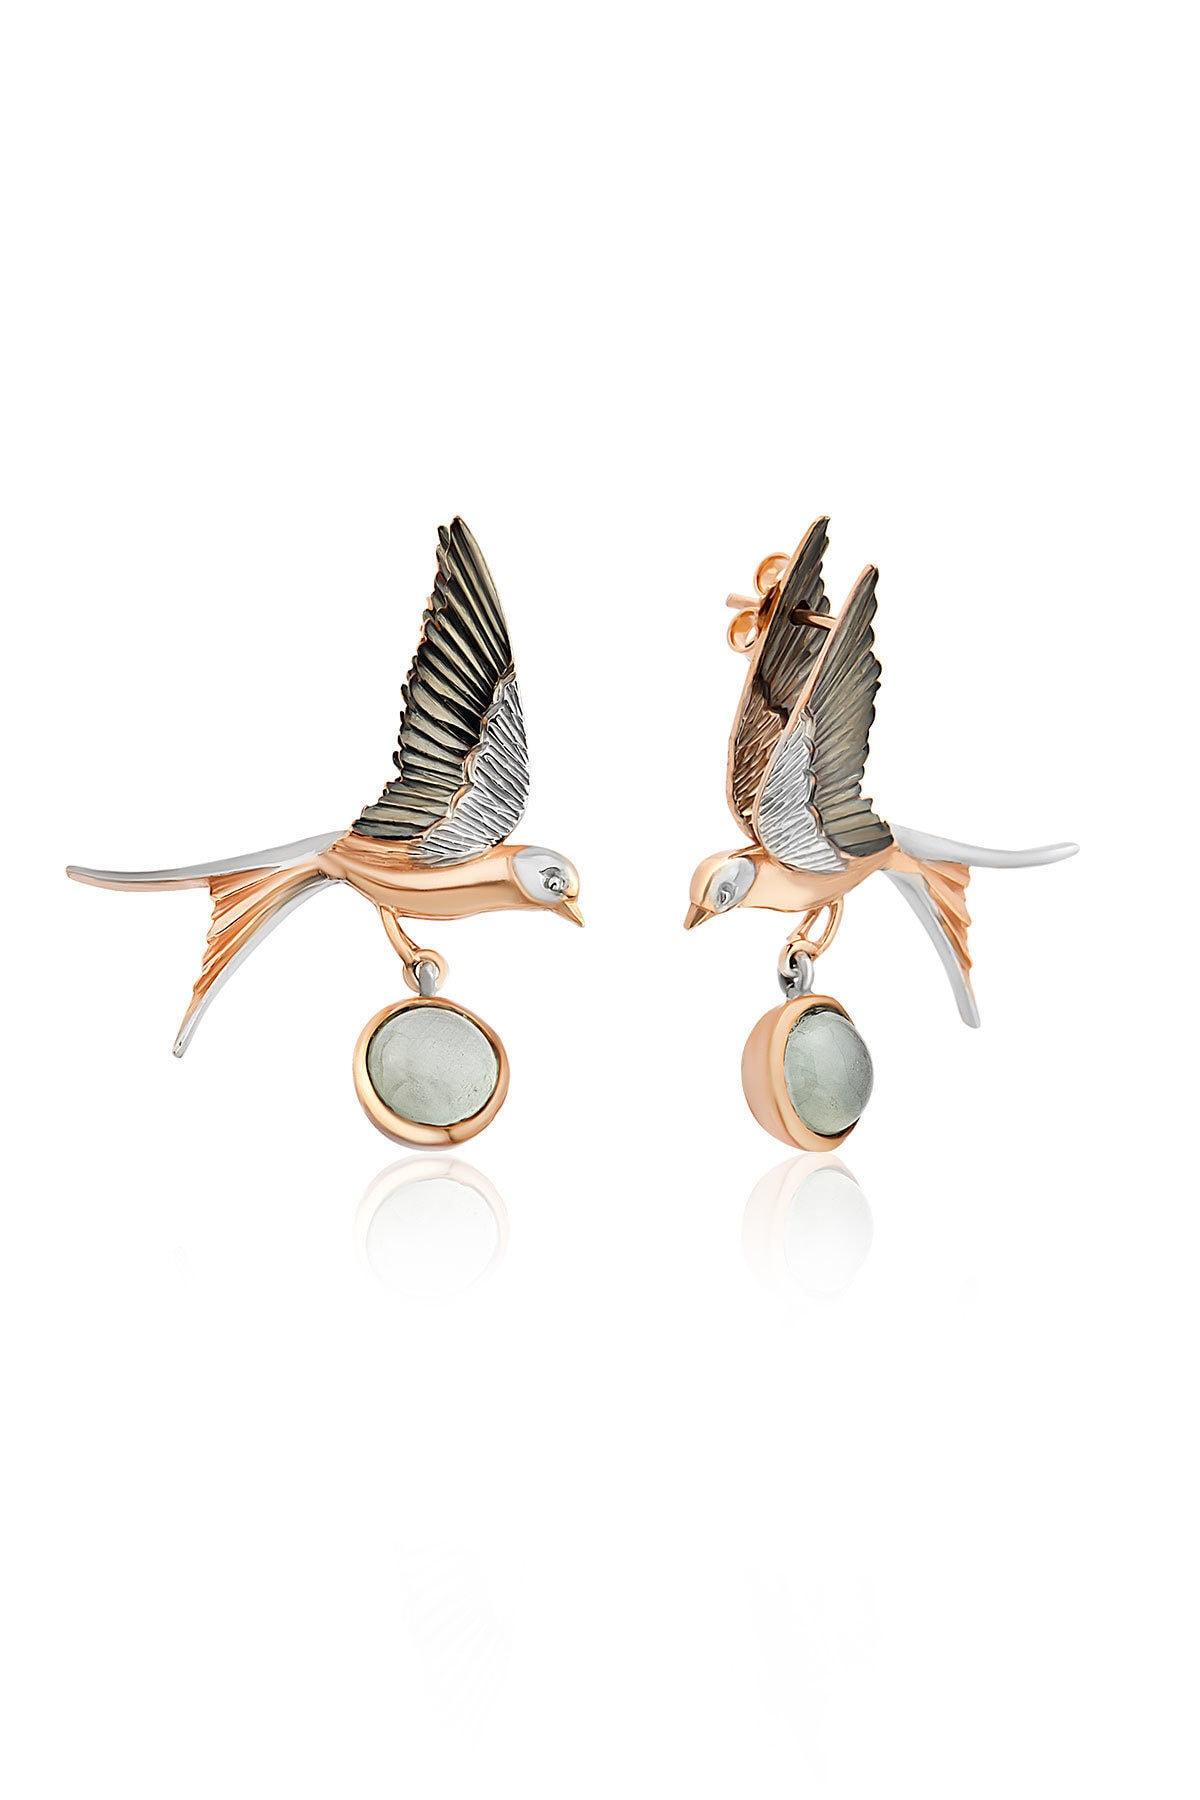 Beyoğlu Genesis Silver Tasarım El Işçiliği Doğal Taşlı Ikili Kuş Figürlü Küpe 1